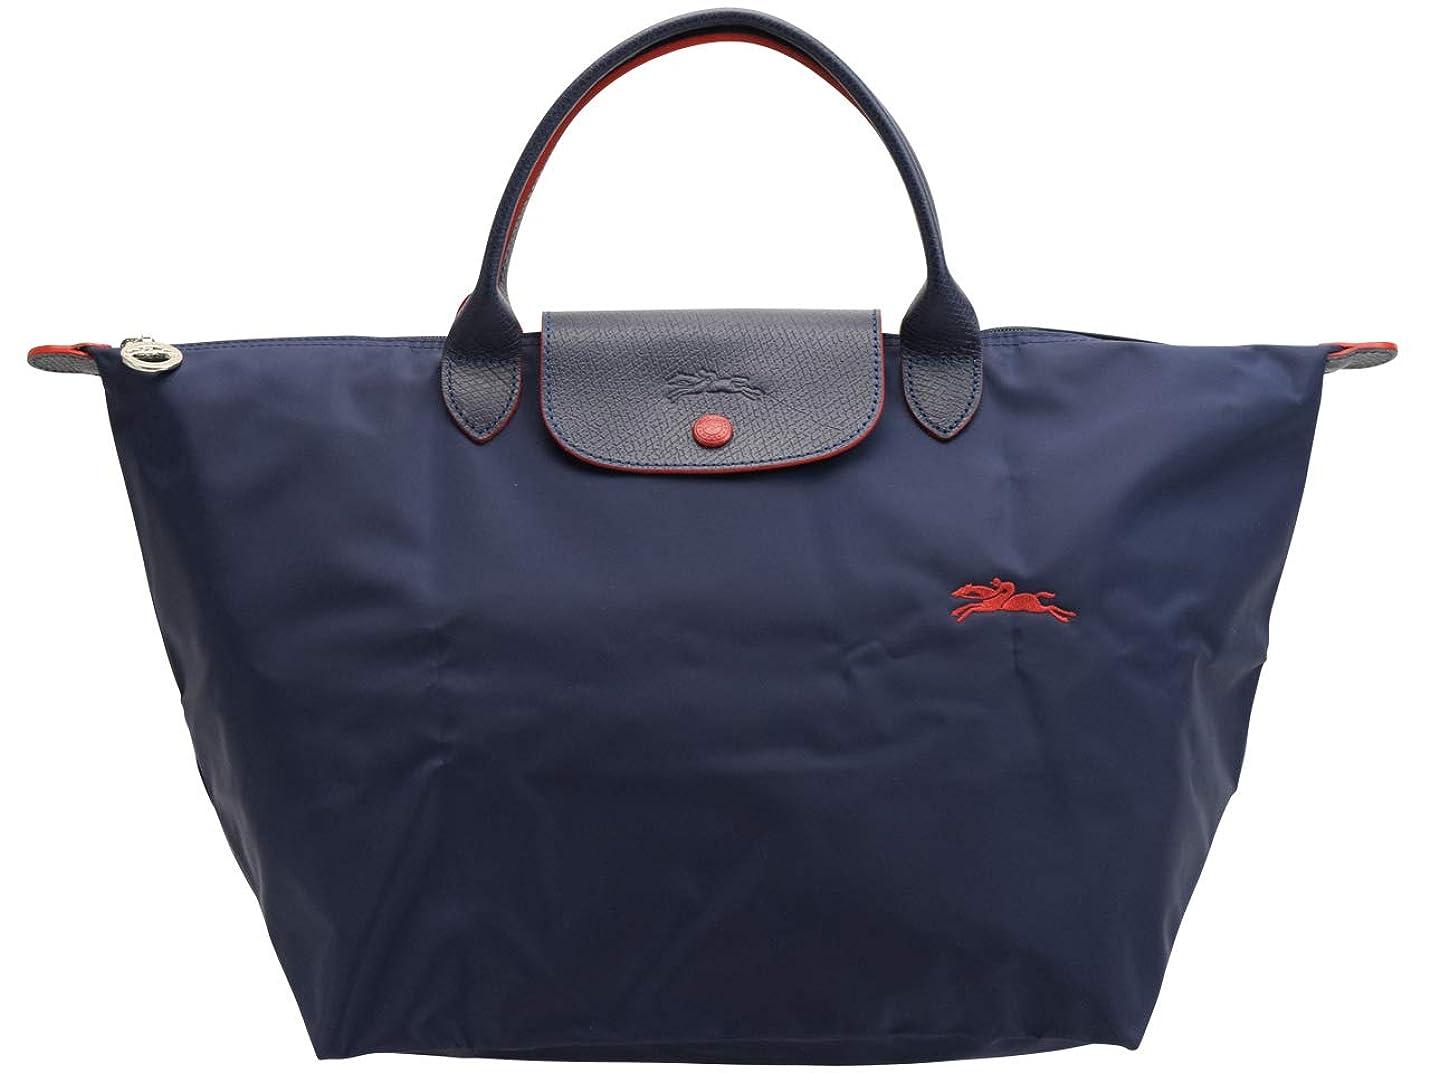 カートンシェトランド諸島驚くべき[ロンシャン] バッグ LONGCHAMP バッグ トートバッグ 折りたたみ 1623 [並行輸入品]